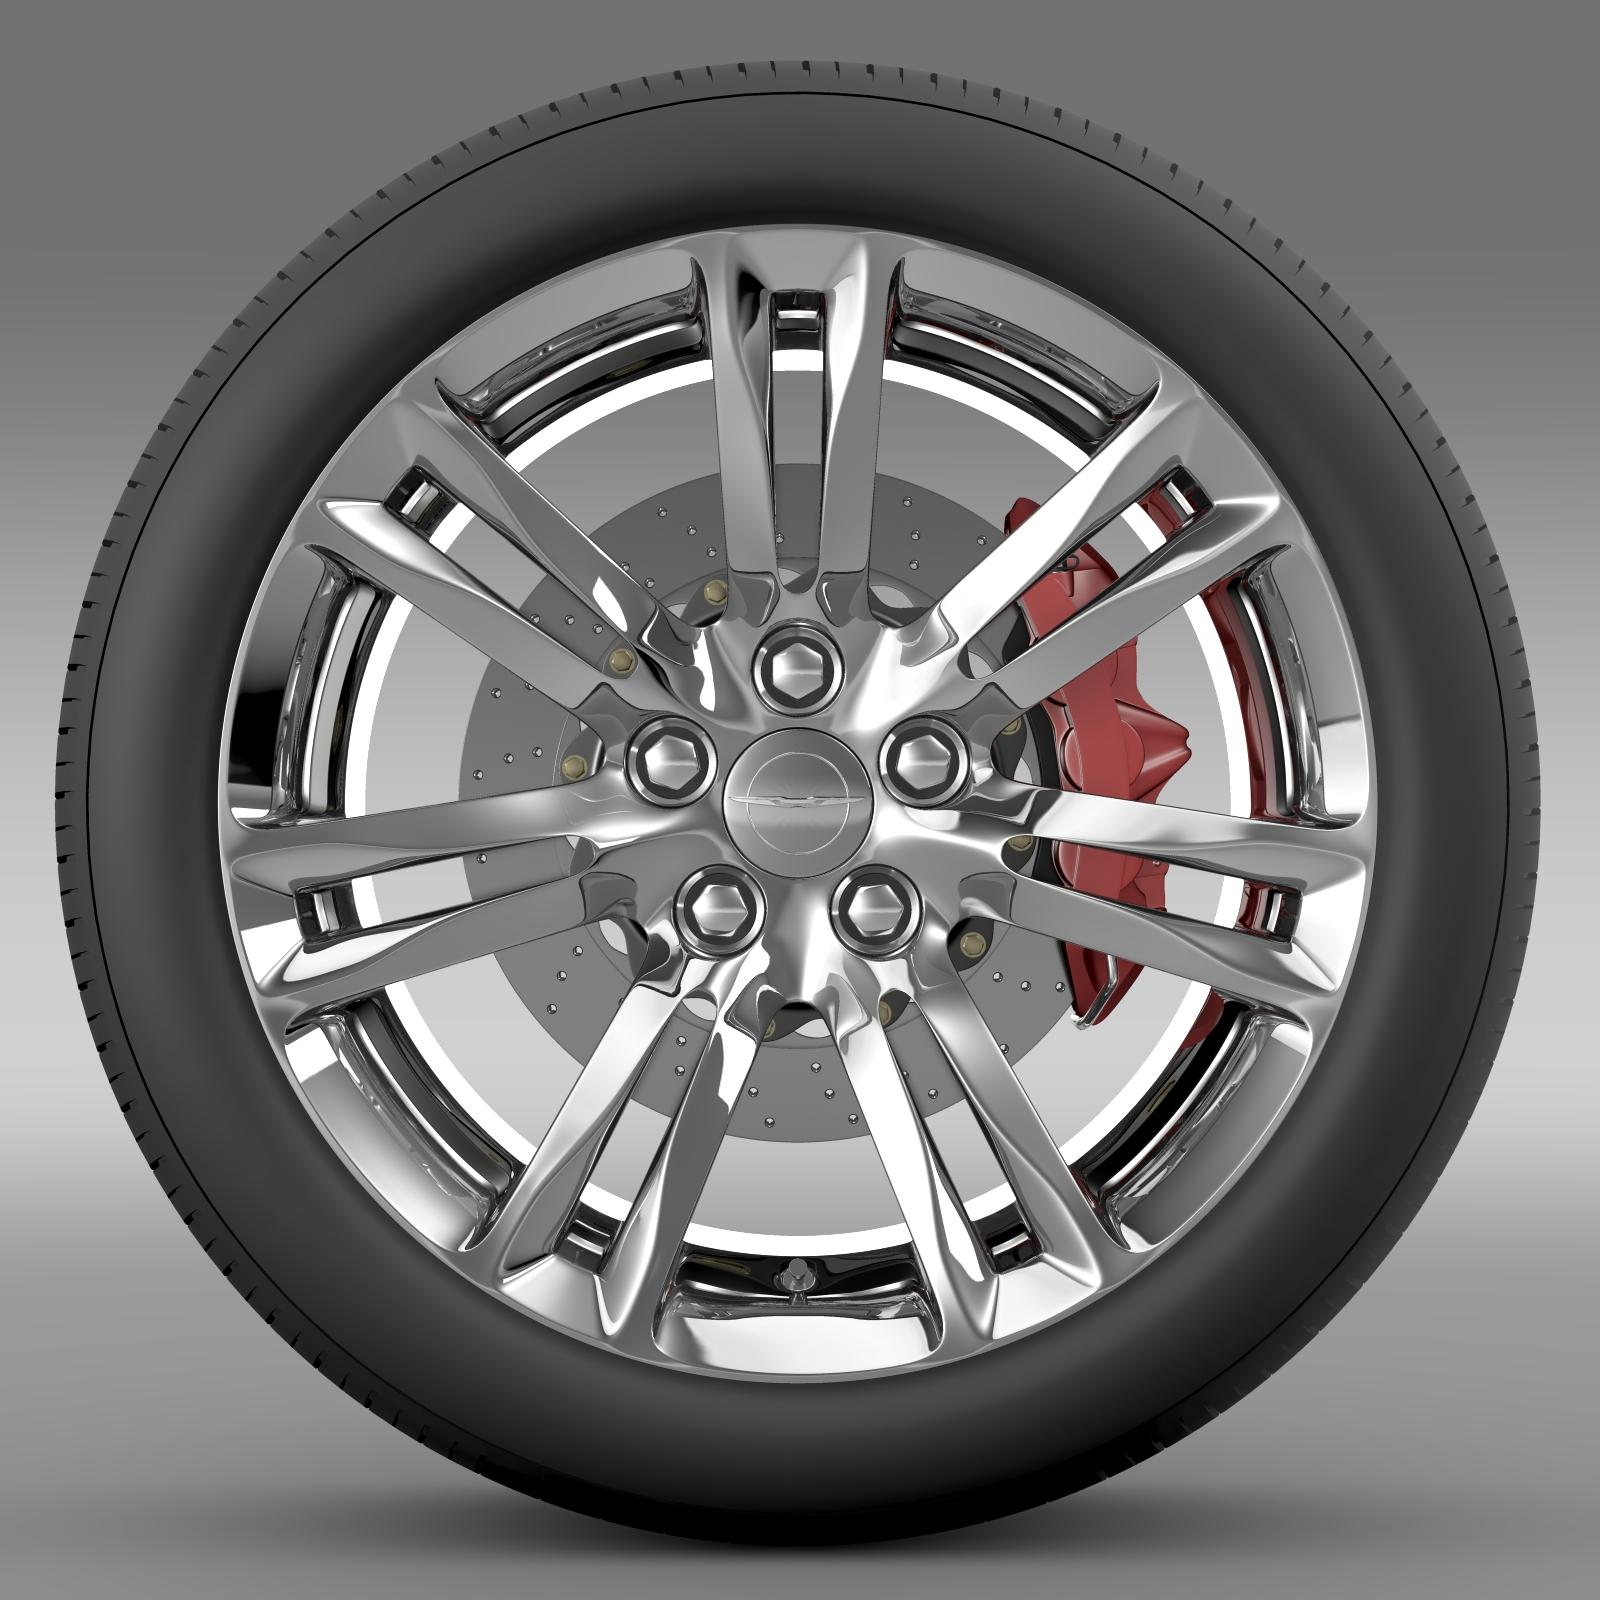 Chrysler Trucks 2015: Chrysler 300C 2015 Wheel 3D Model